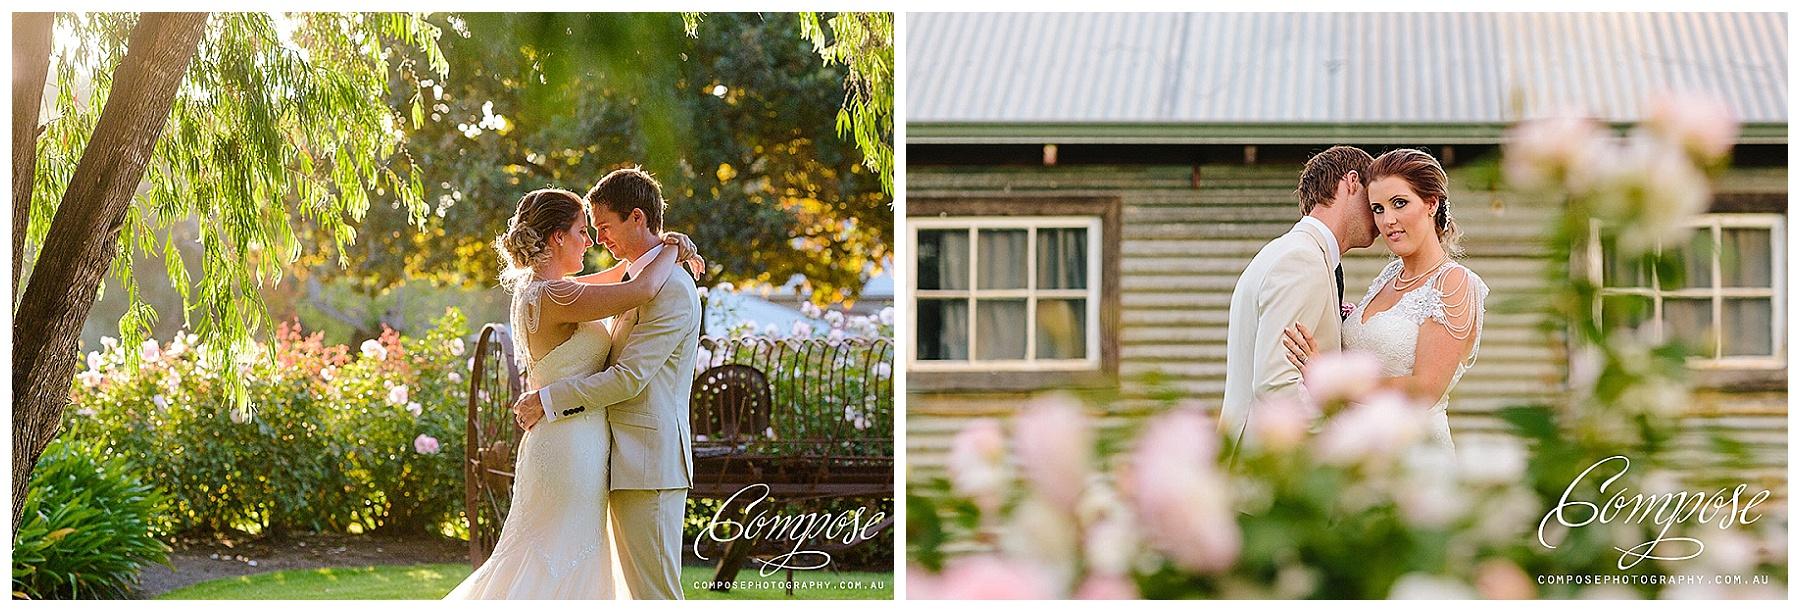 wedding photographer dunsborough